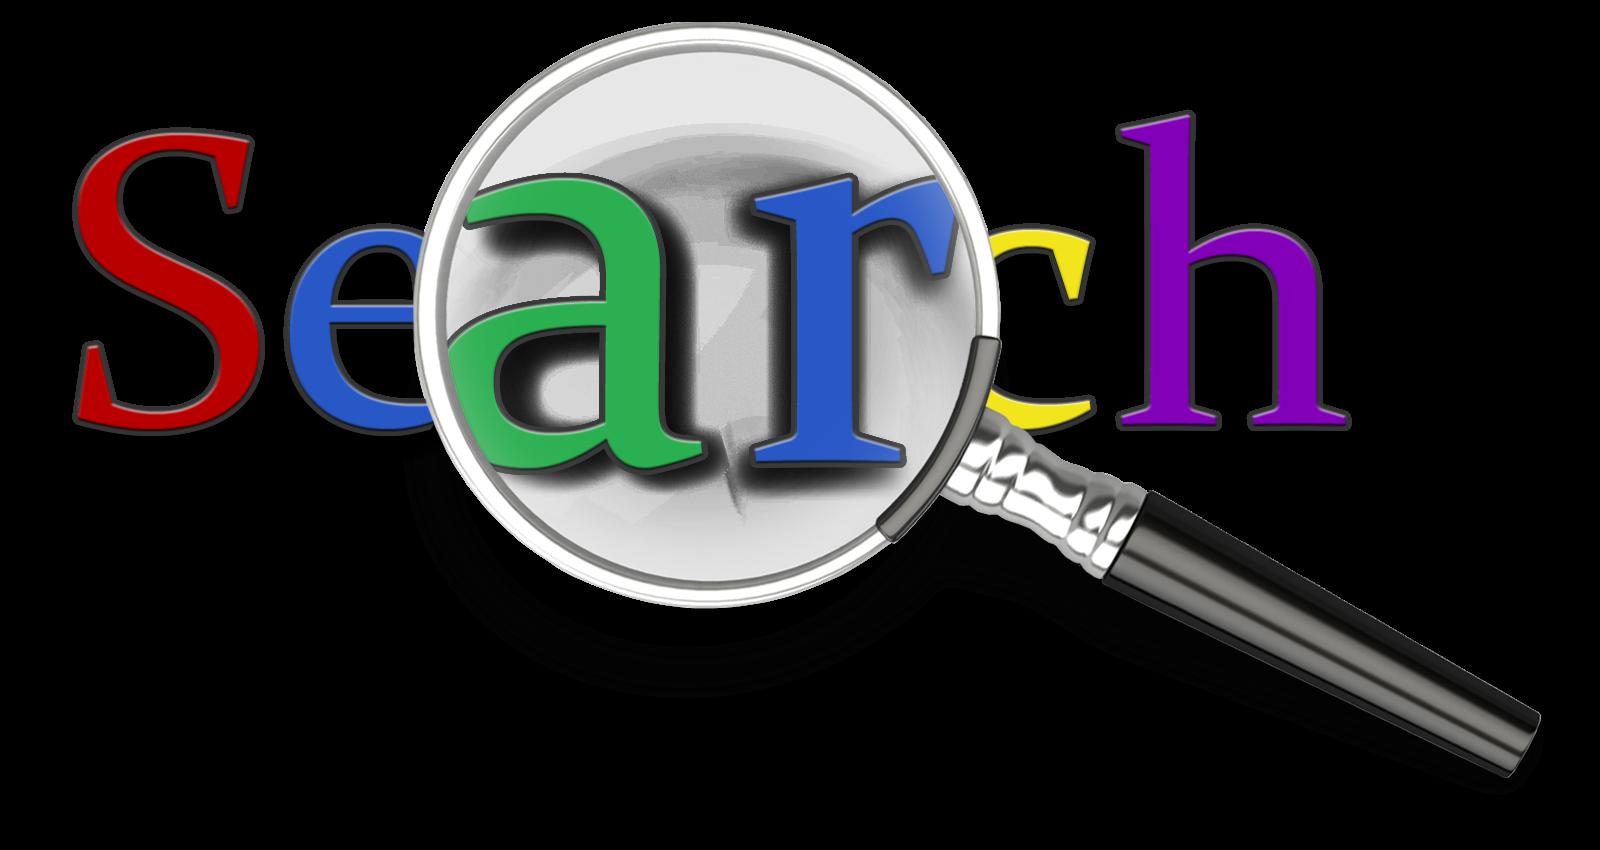 Enterprise Search Platforms